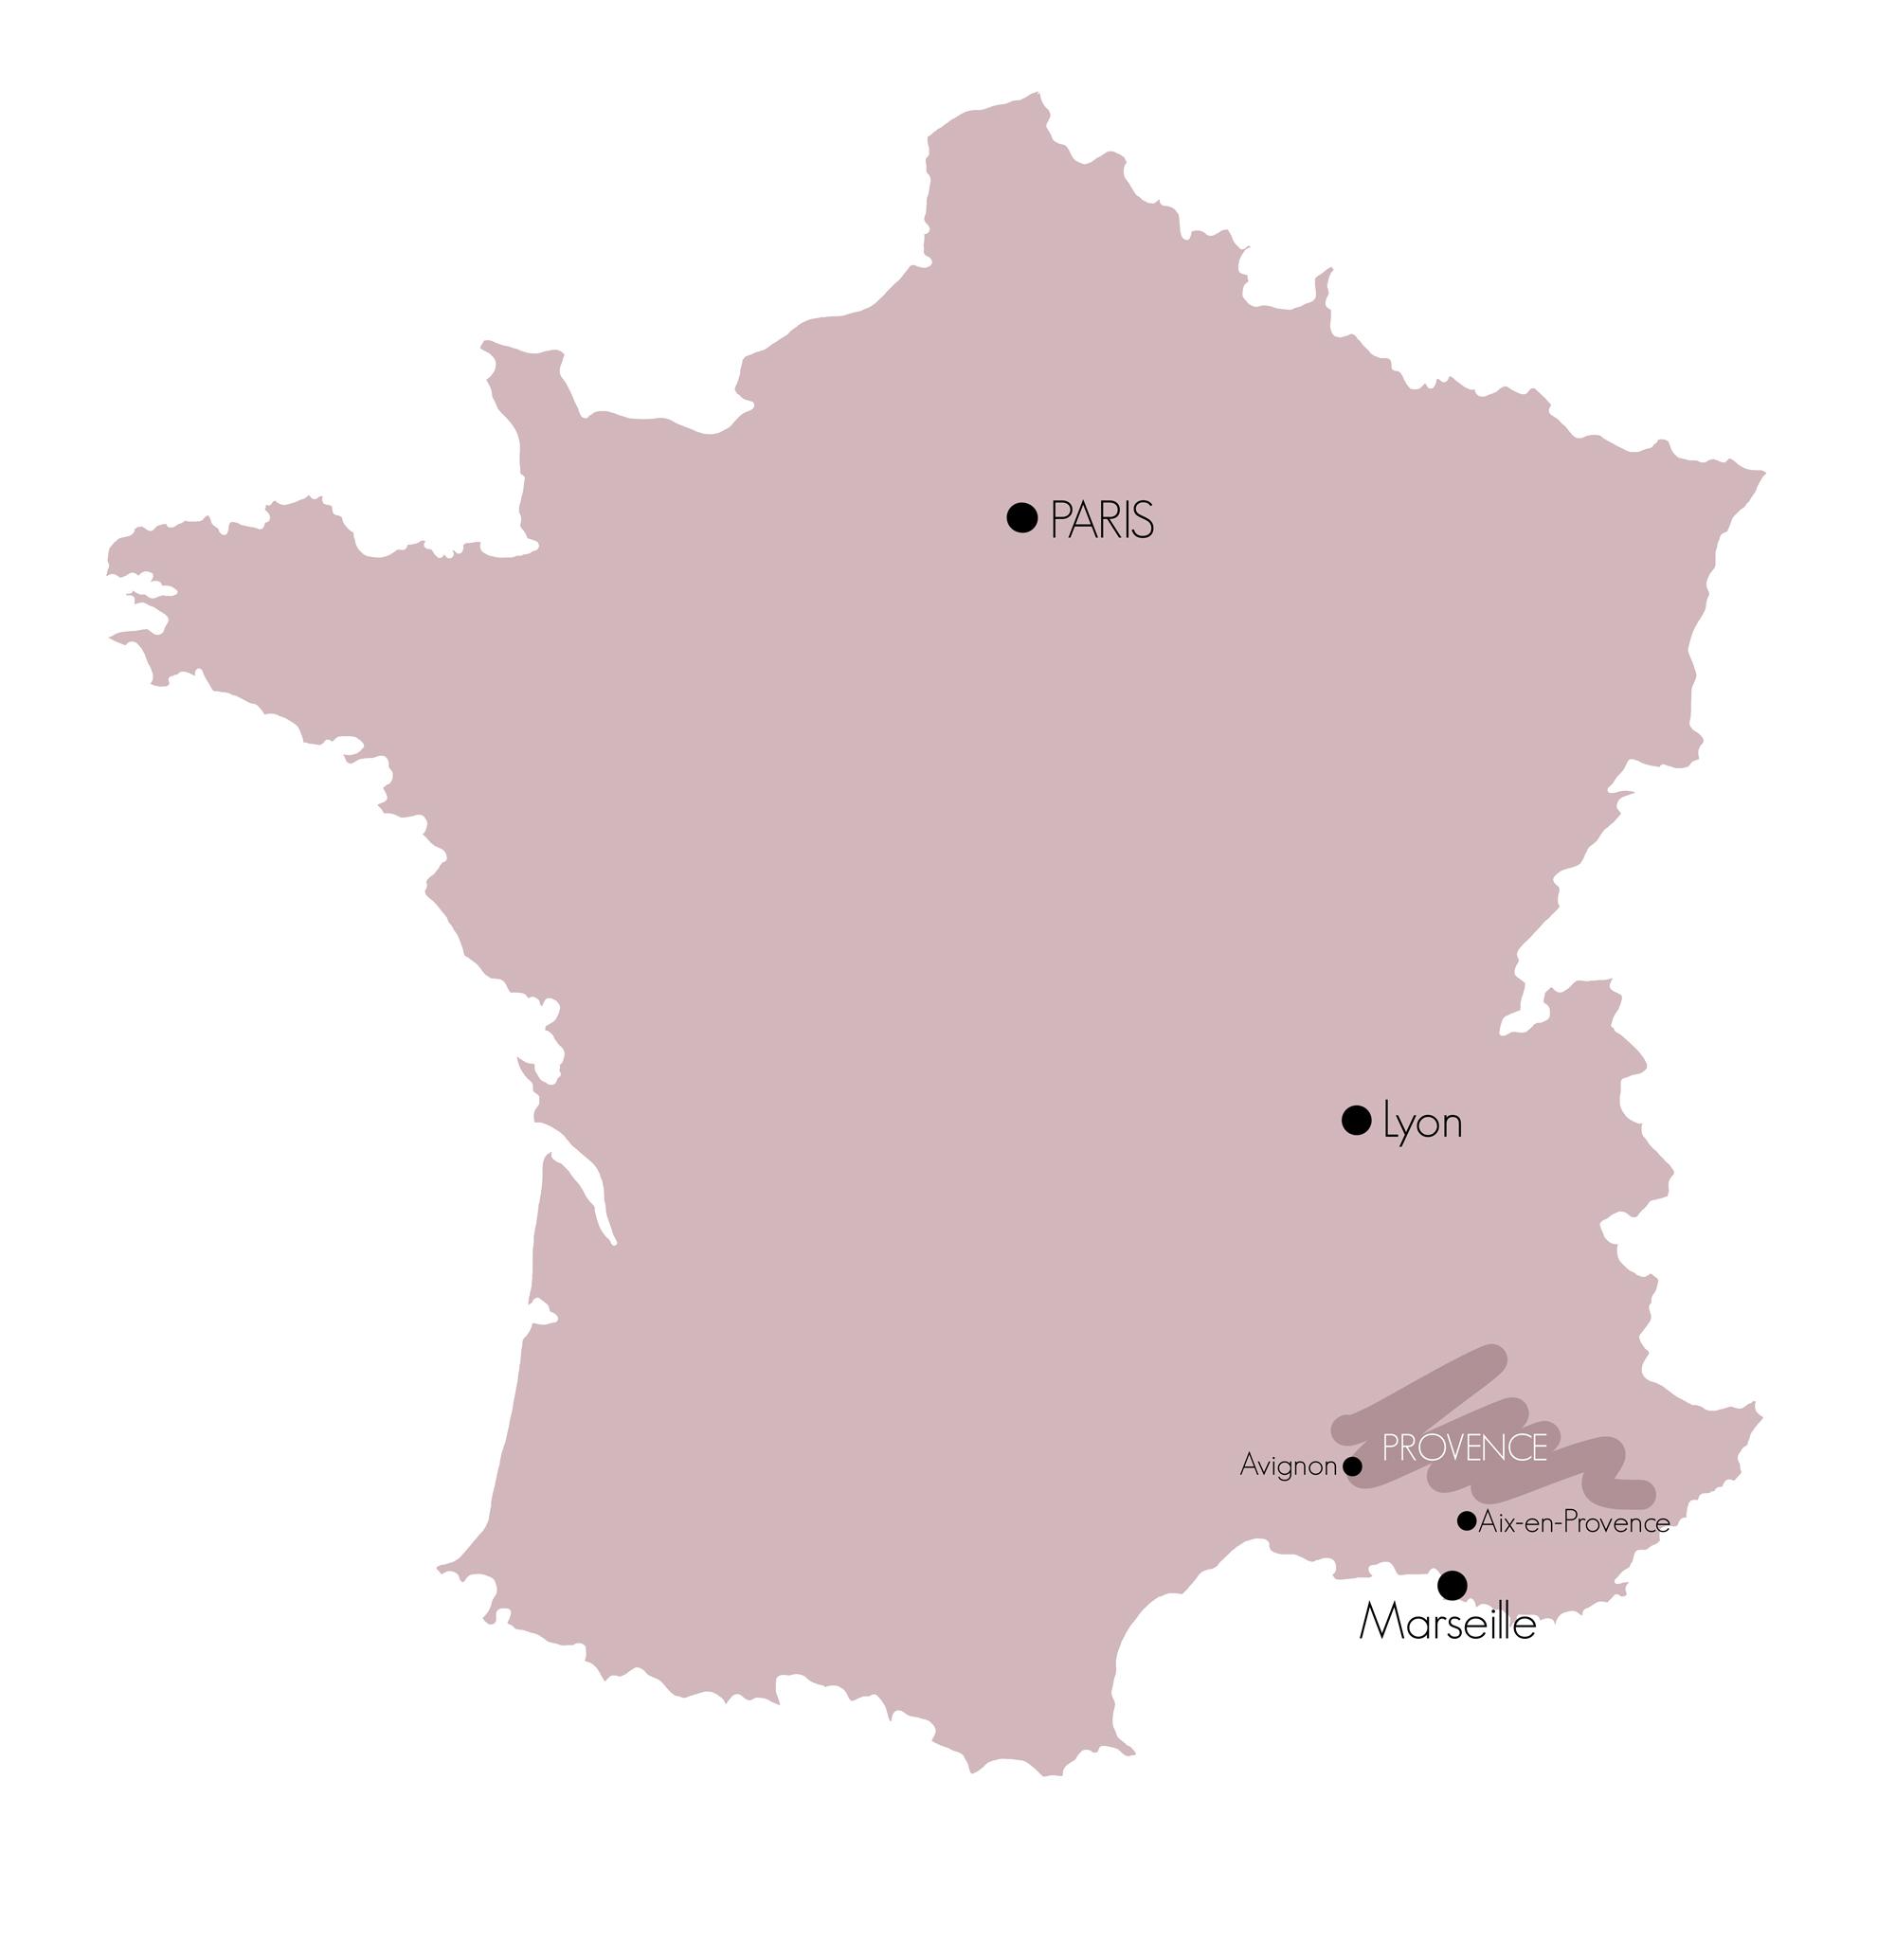 La Provence en France